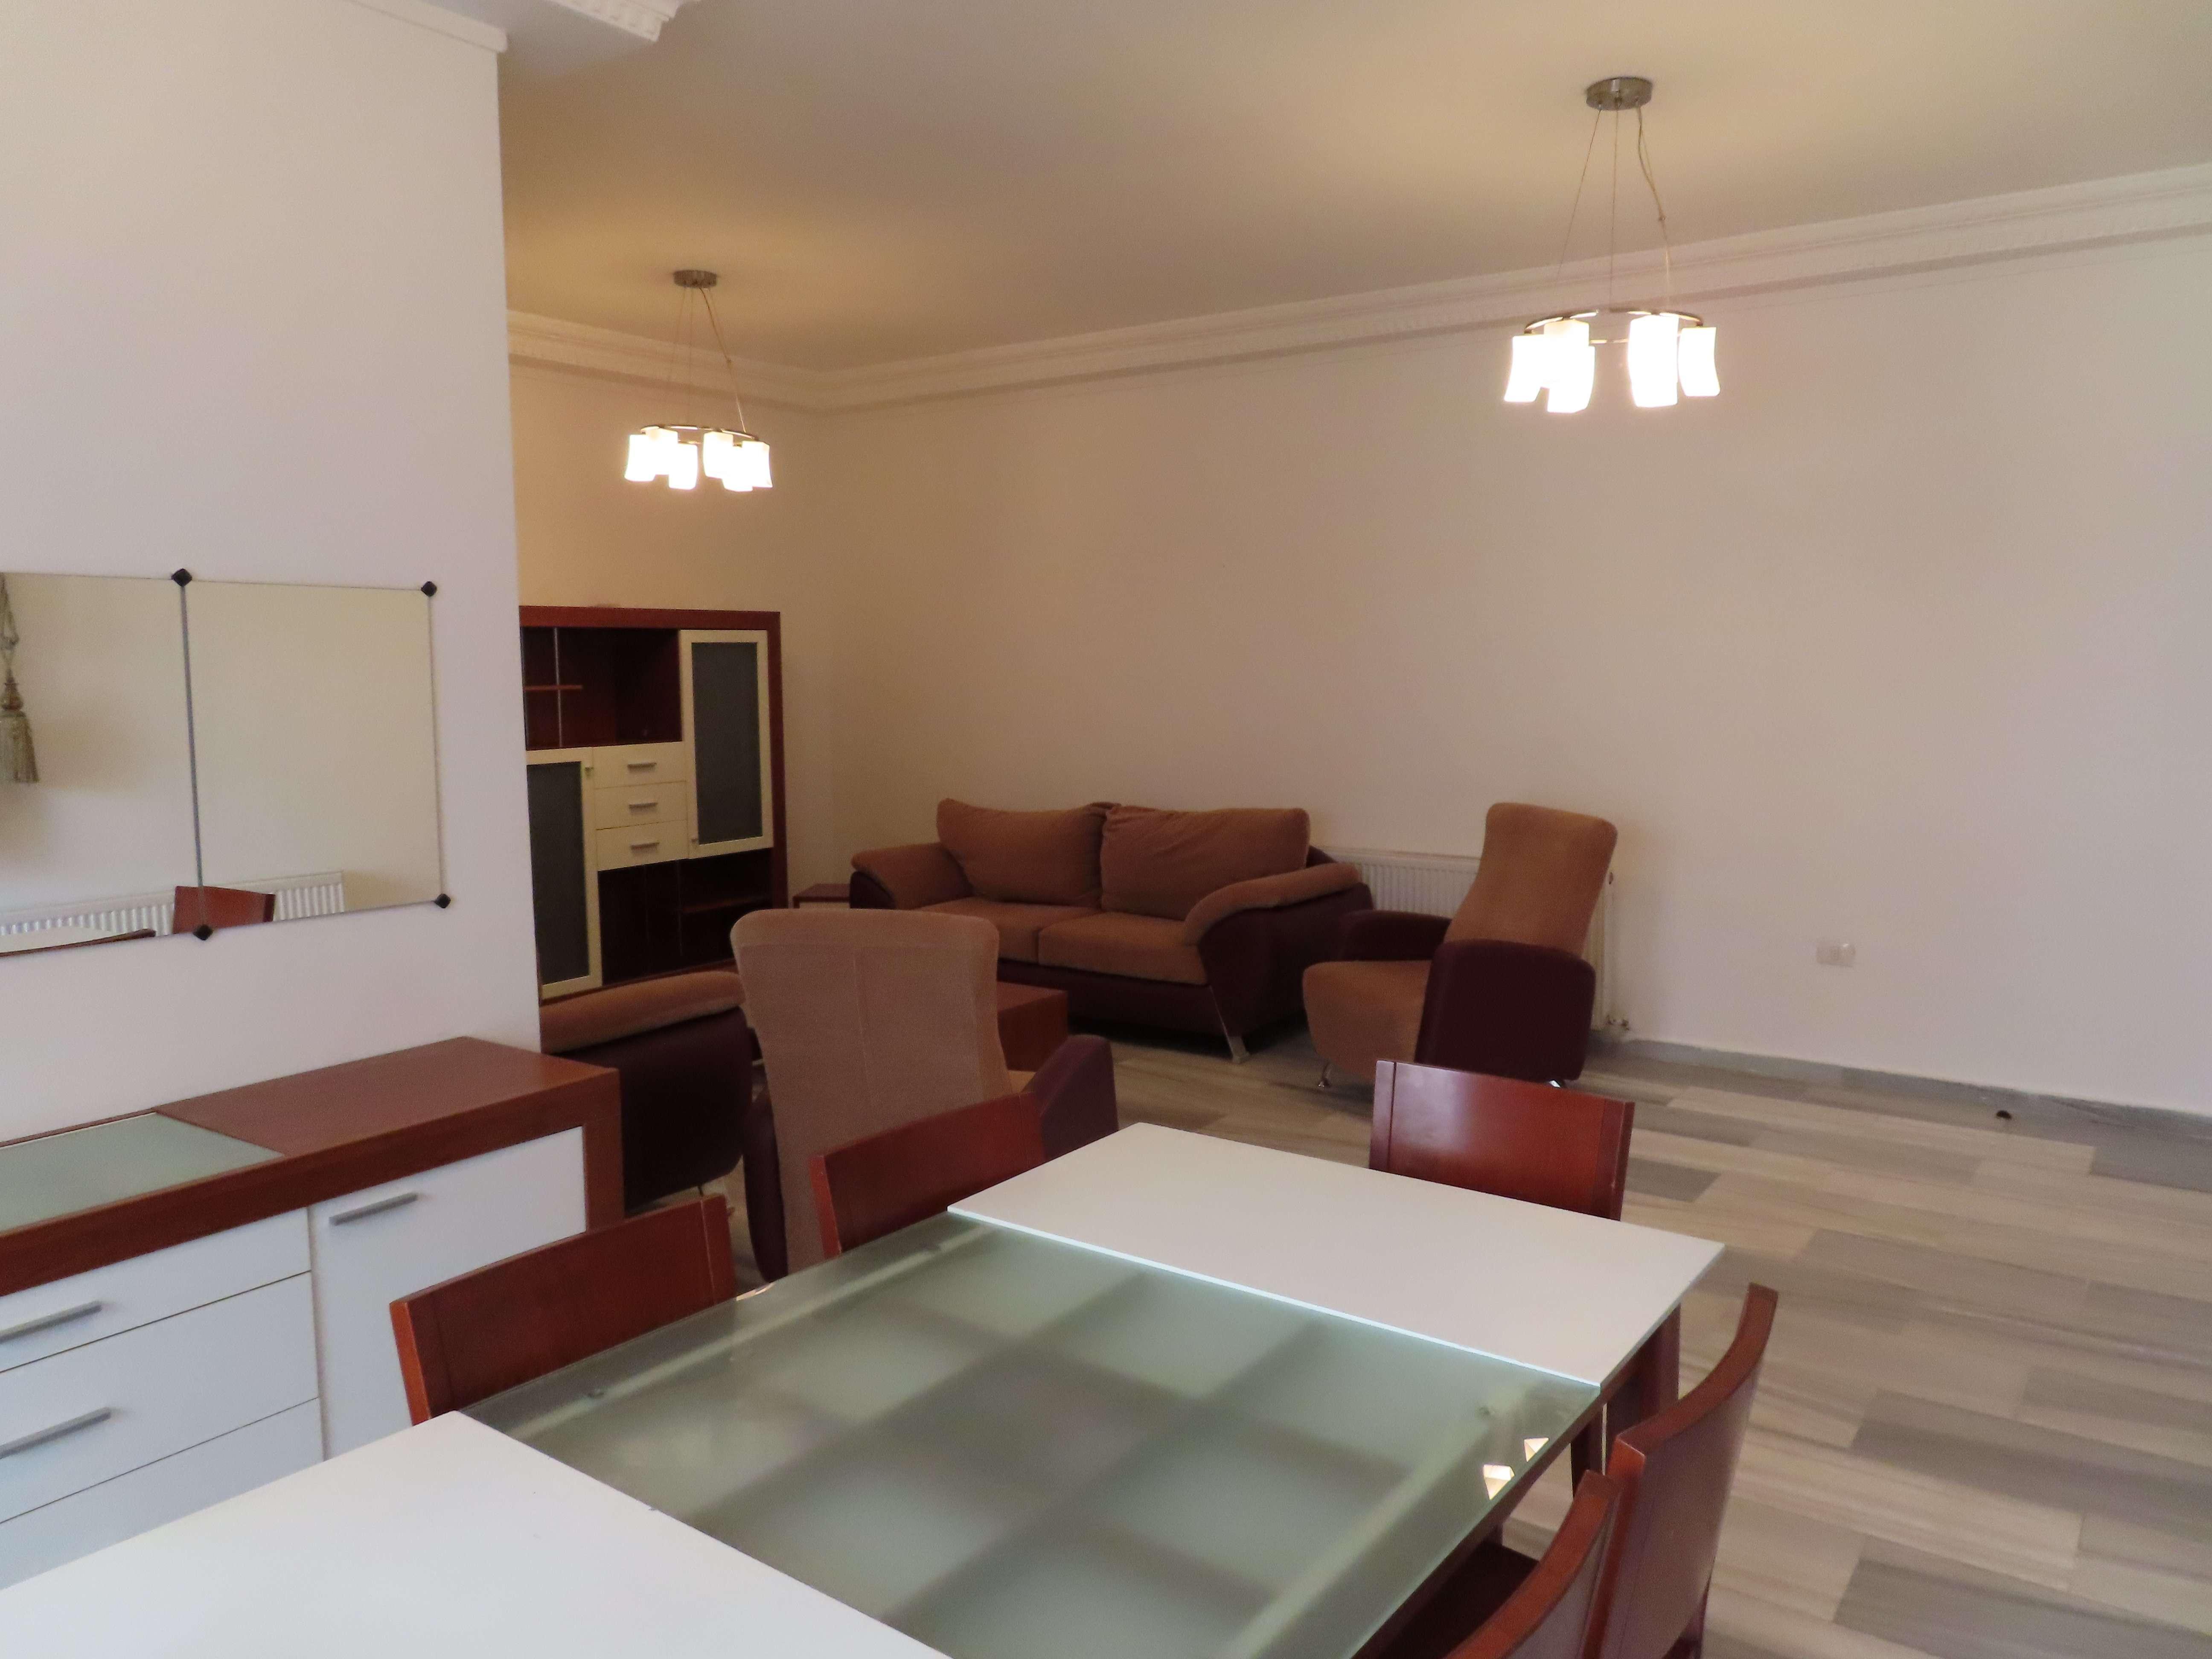 شقة مفروشة للإيجار قرب كوزمو السابع مناسبة لعائلة صغيرة